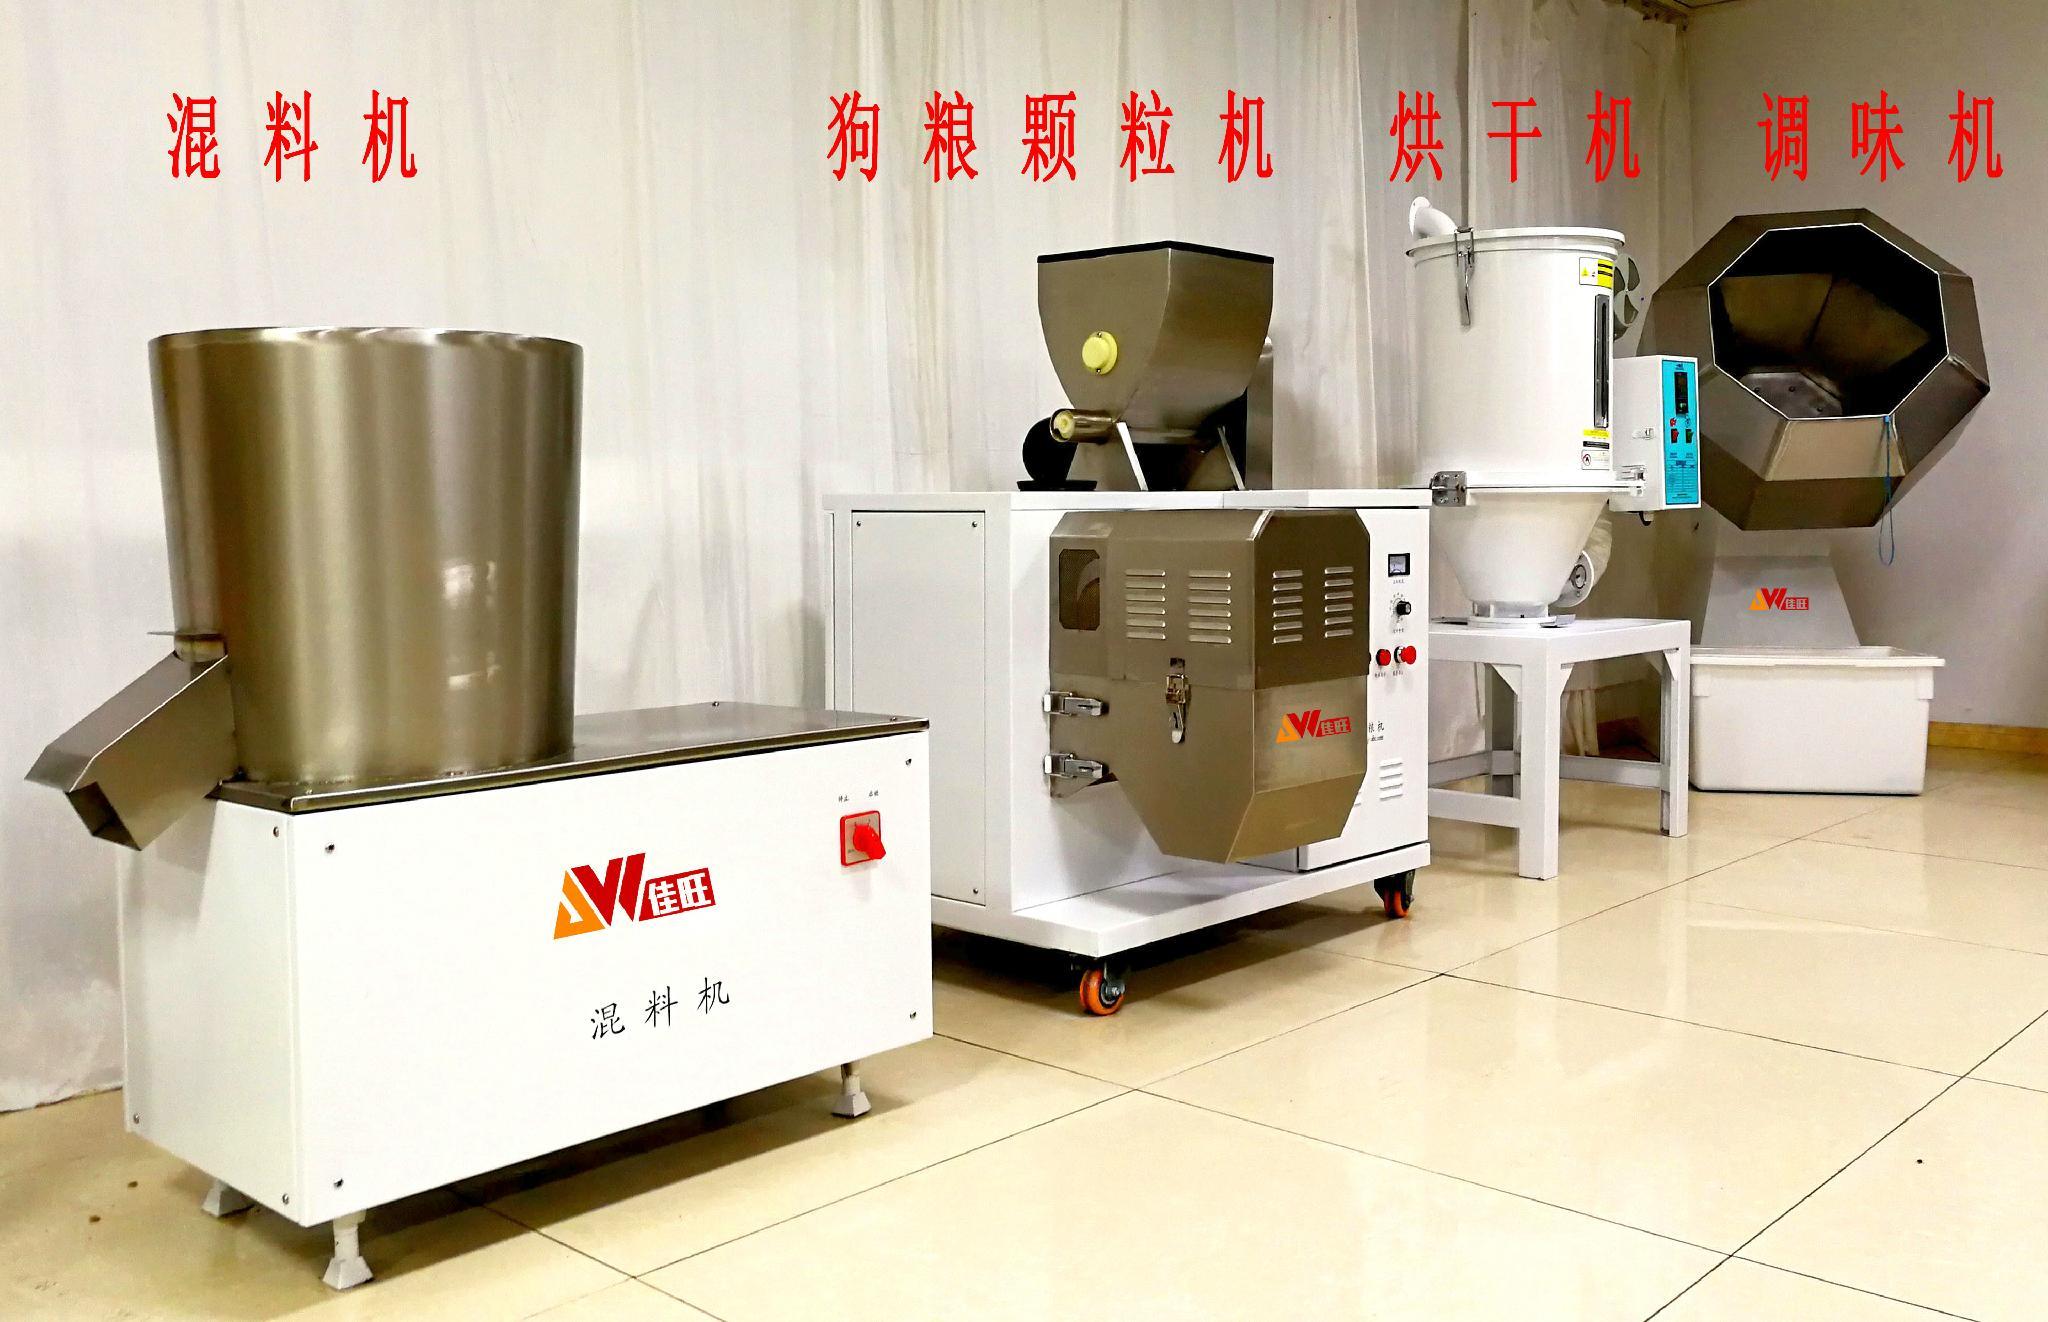 佳旺JWZ80-4T-M民用电 狗粮生产线                 5